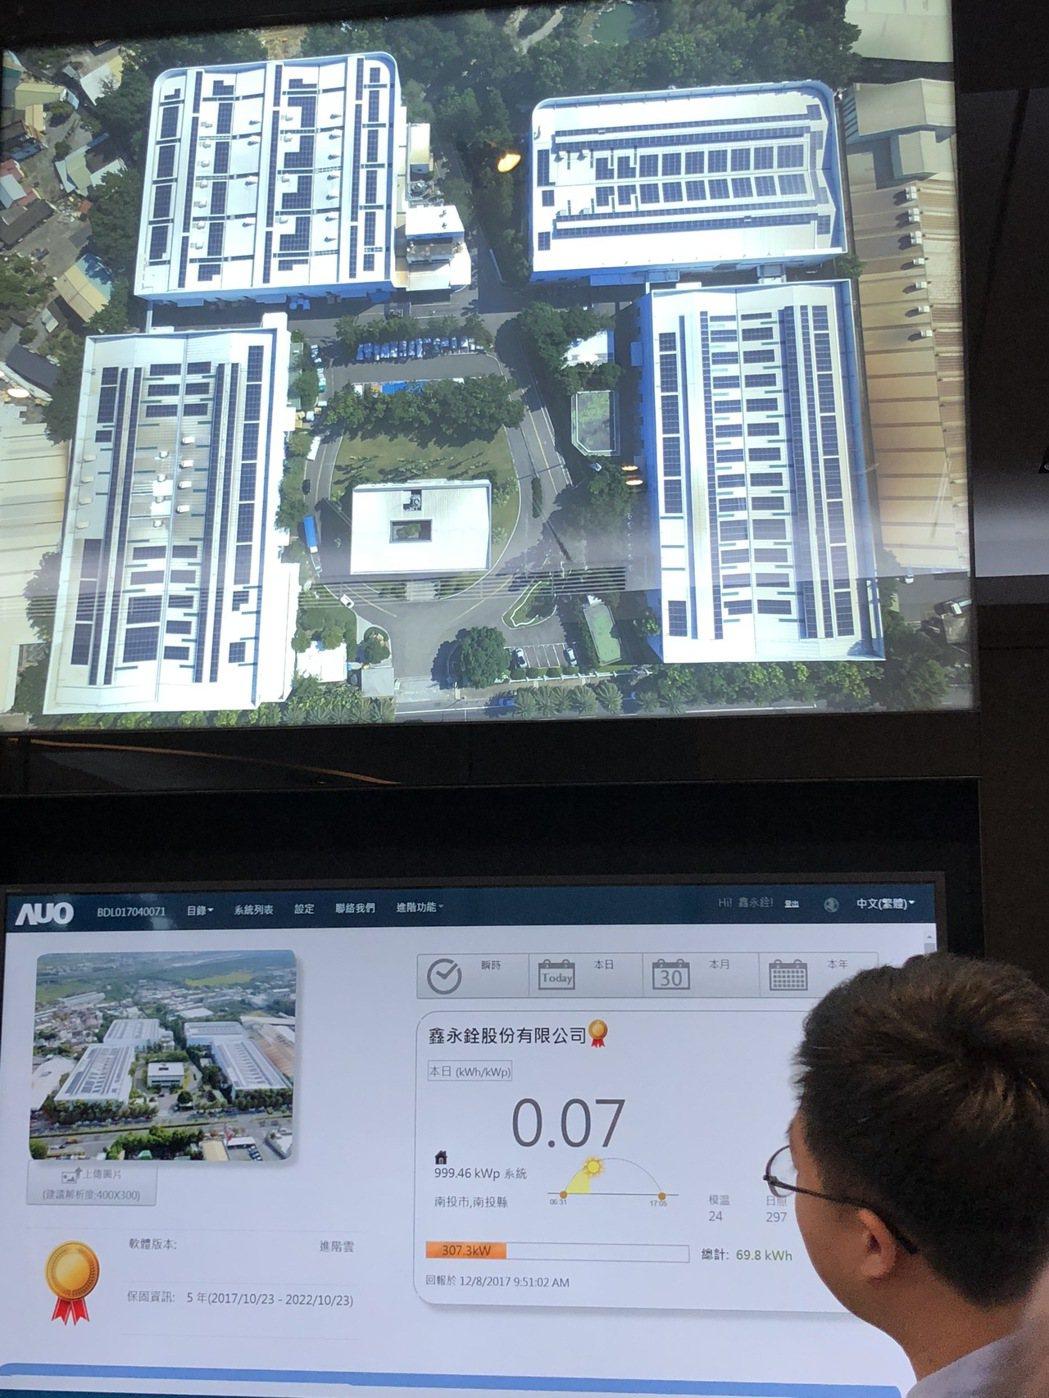 鑫永銓四座工廠屋頂裝設太陽能板,每年可生產120萬度電。記者江良誠/攝影